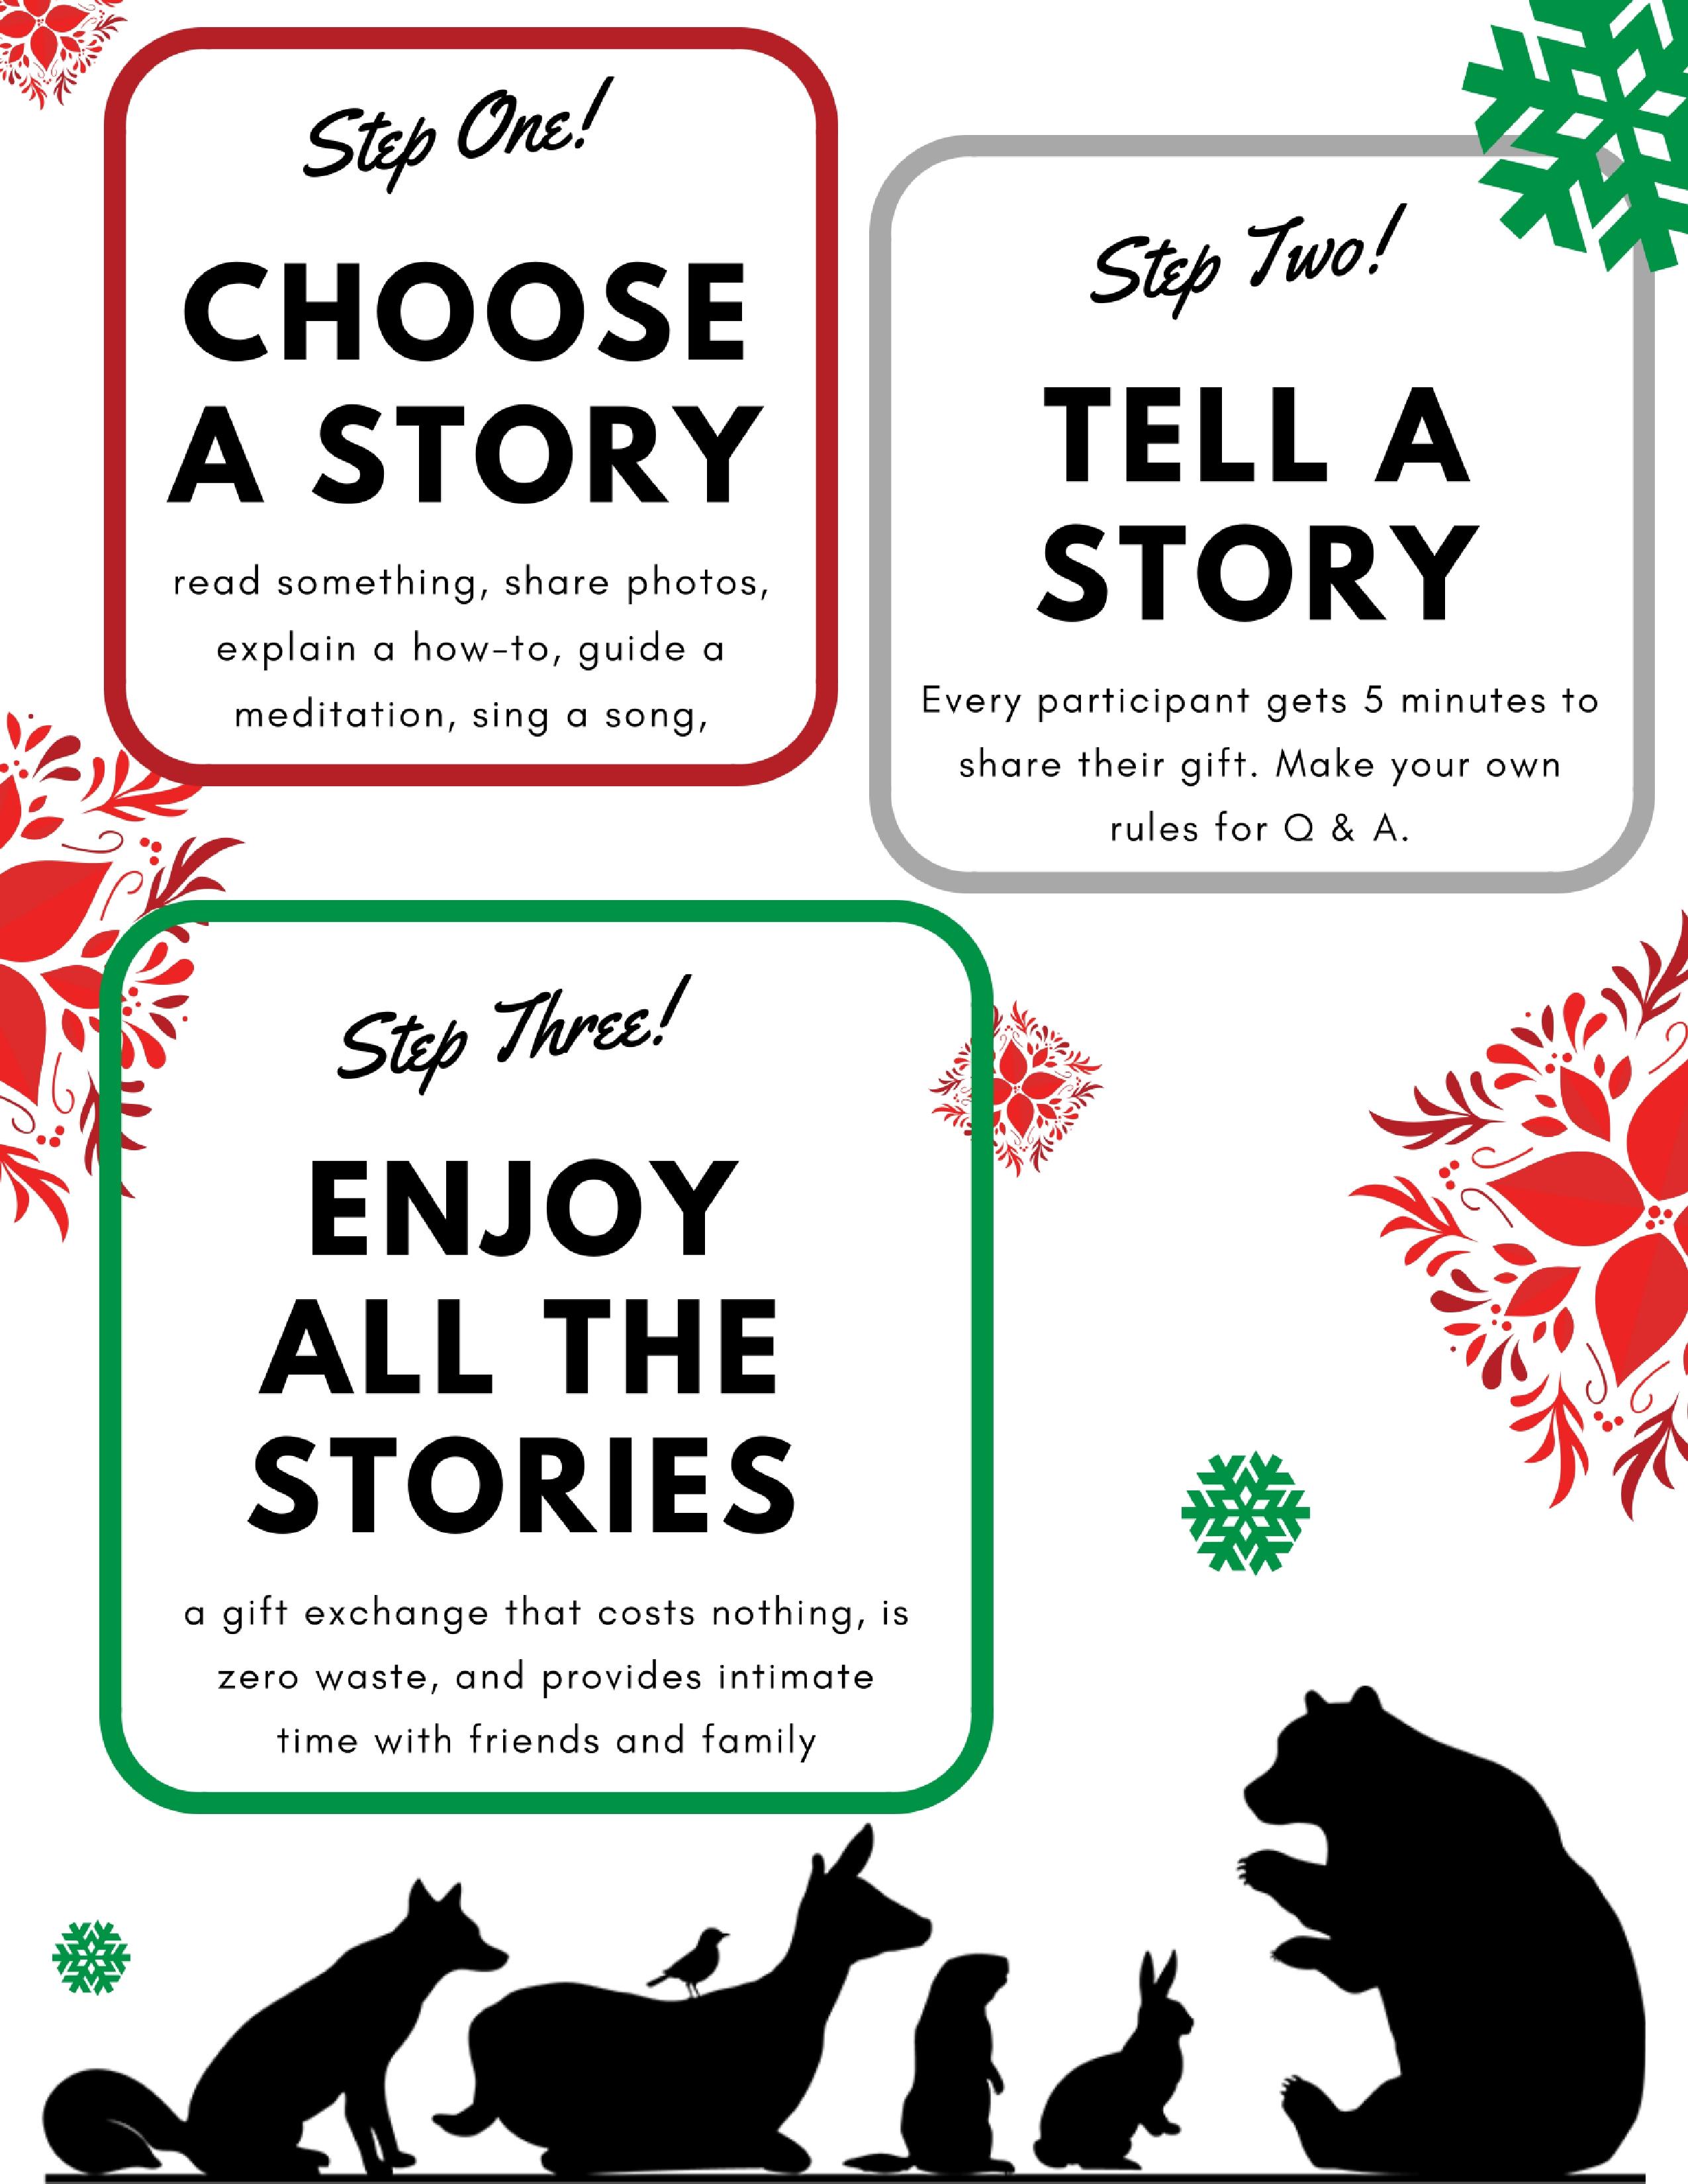 Inspirational Secret Santa Gift Exchange Story Teller Rules Kw Gift ...